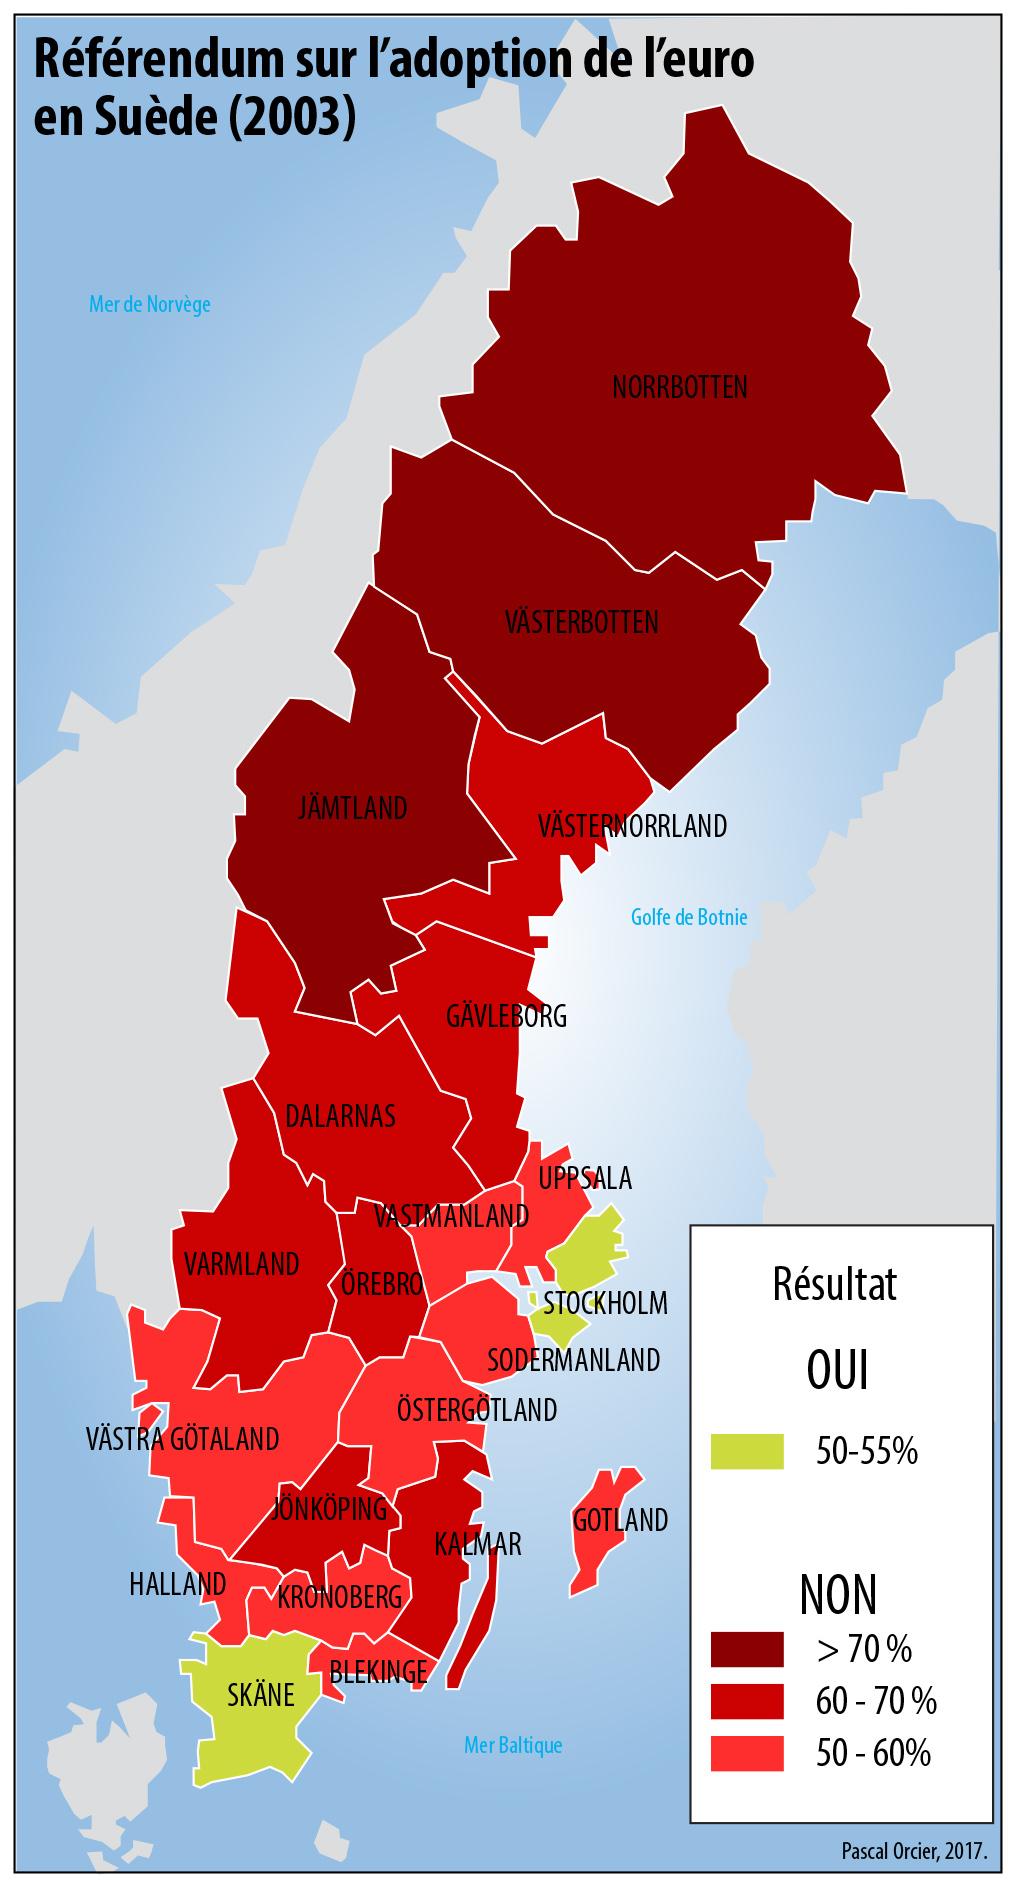 référendum sur l'adhésion de l'euro en Suède Carte 2003